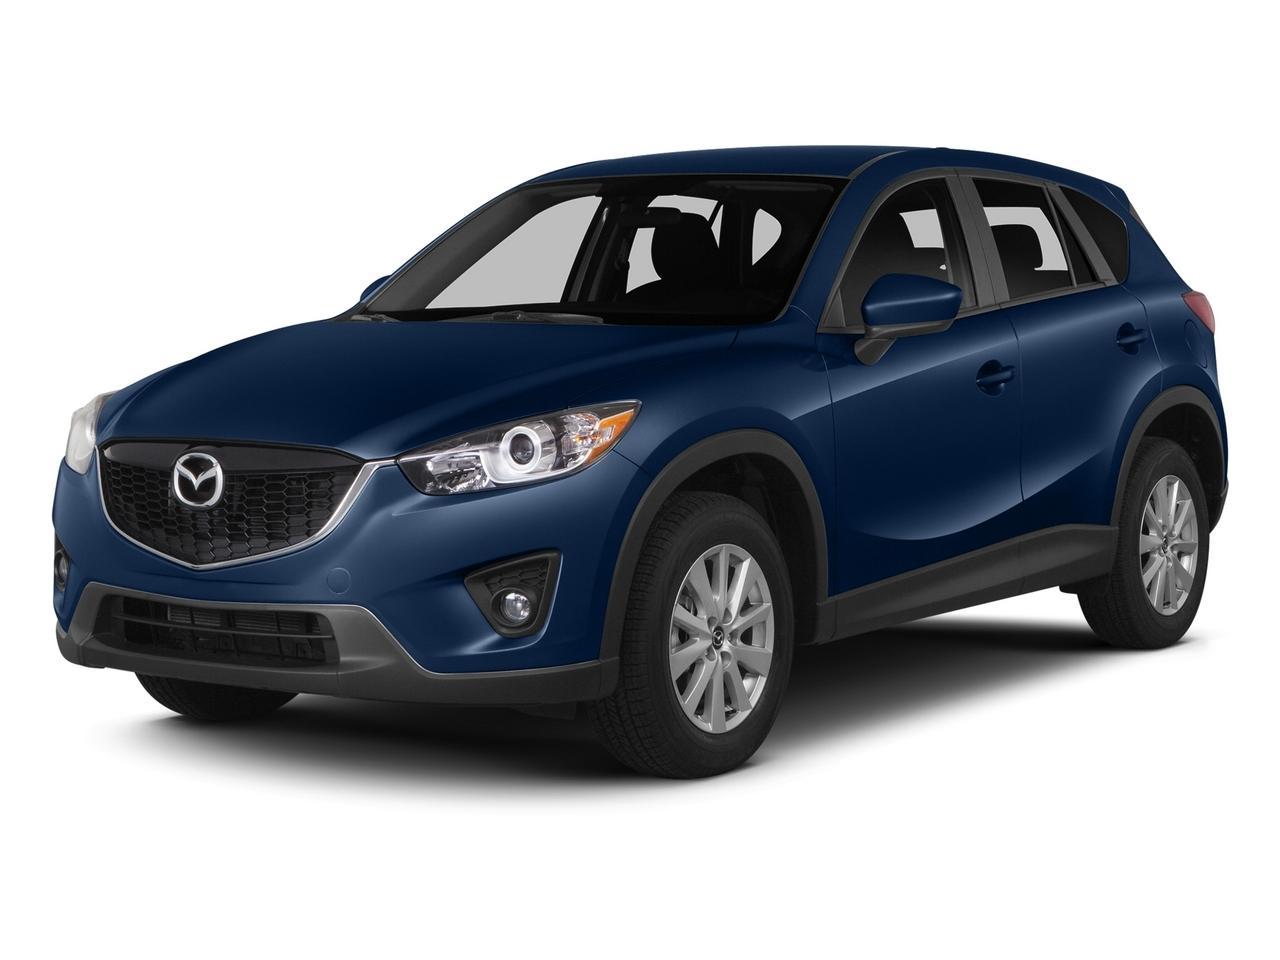 2015 Mazda CX-5 Vehicle Photo in Peoria, IL 61615